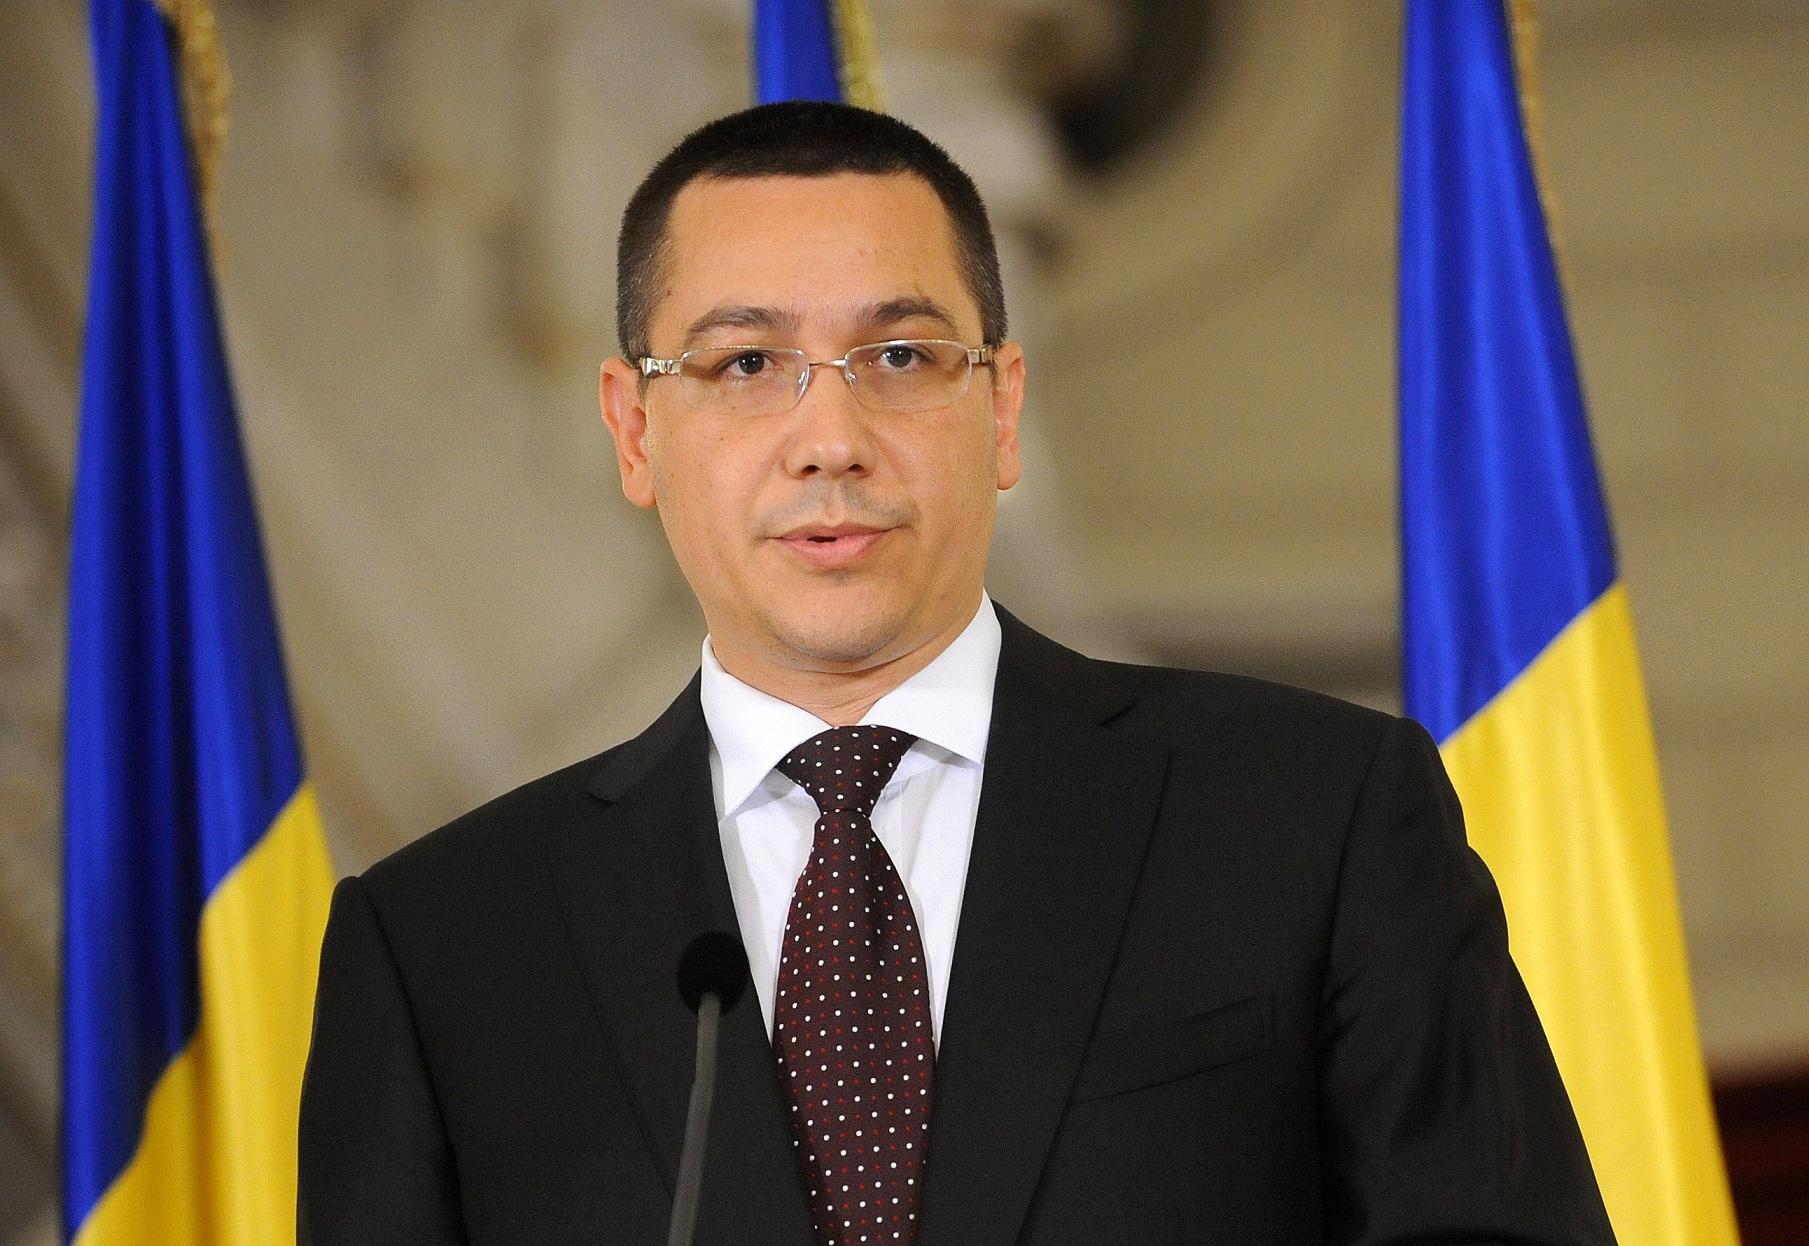 Premierul Ponta transmite un mesaj de condoleanţe poporului evreu şi familiei lui Ariel Sharon